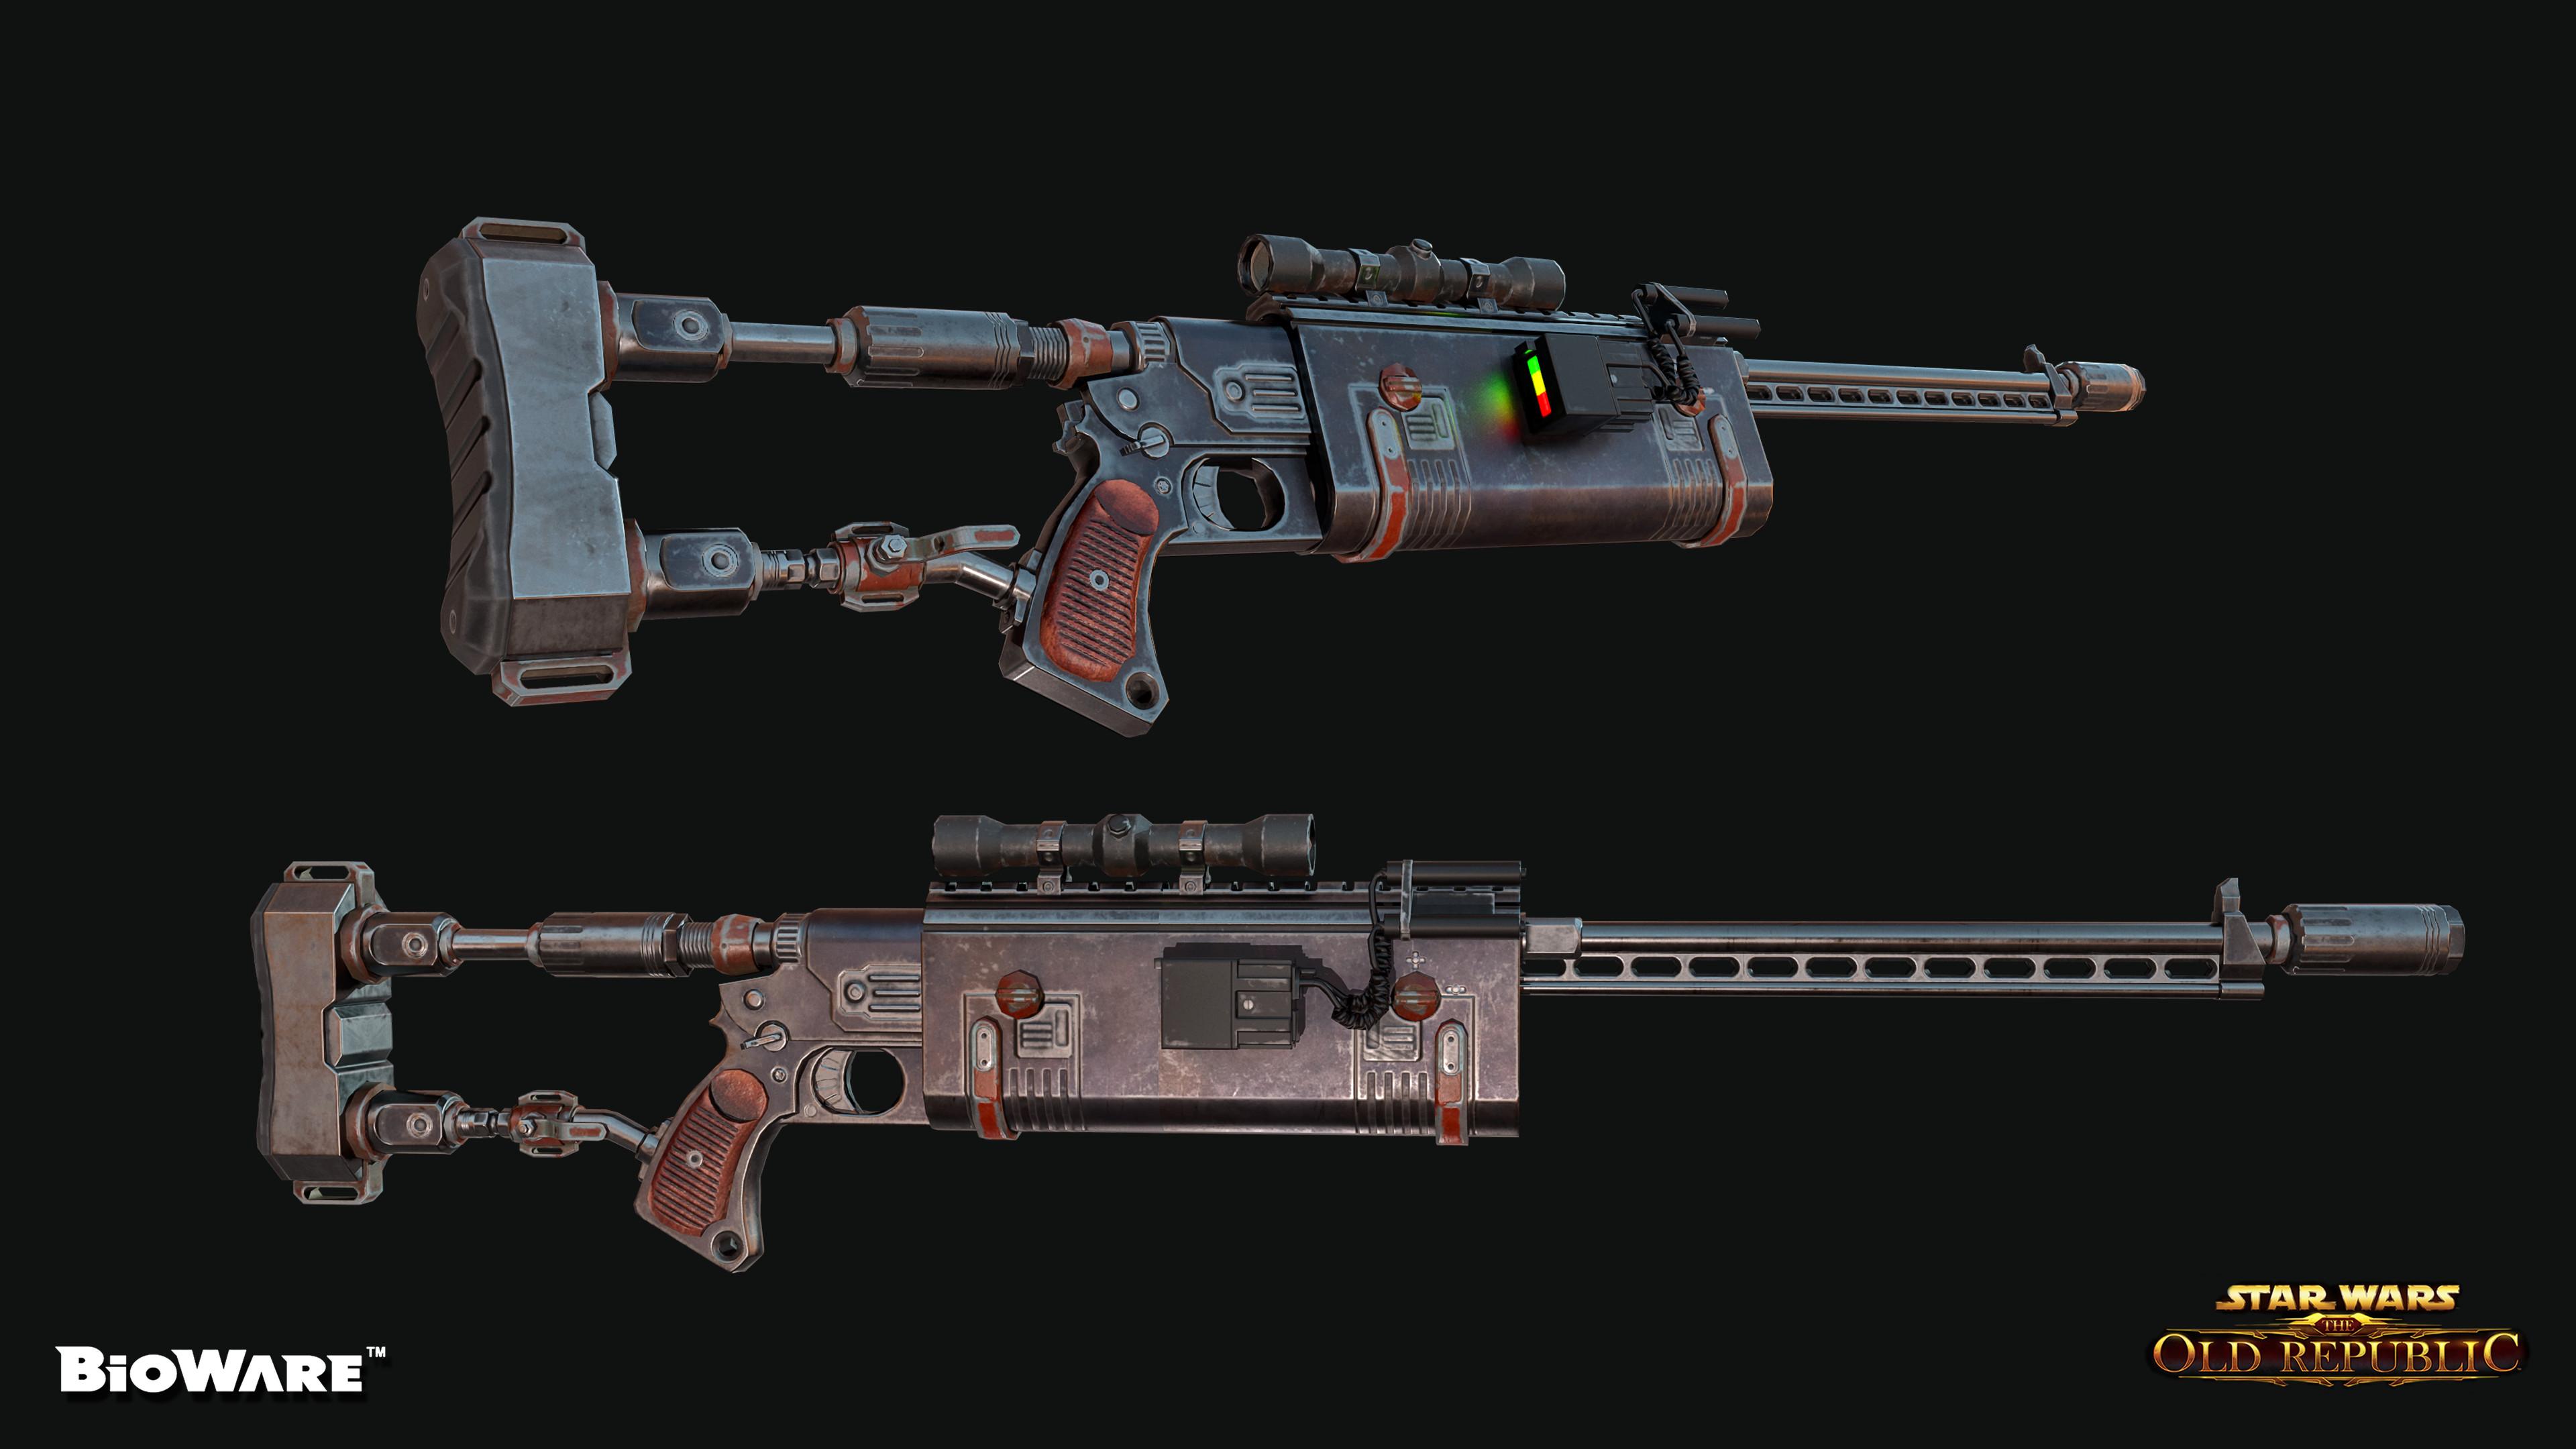 Scorpion TK Sniper Rifle